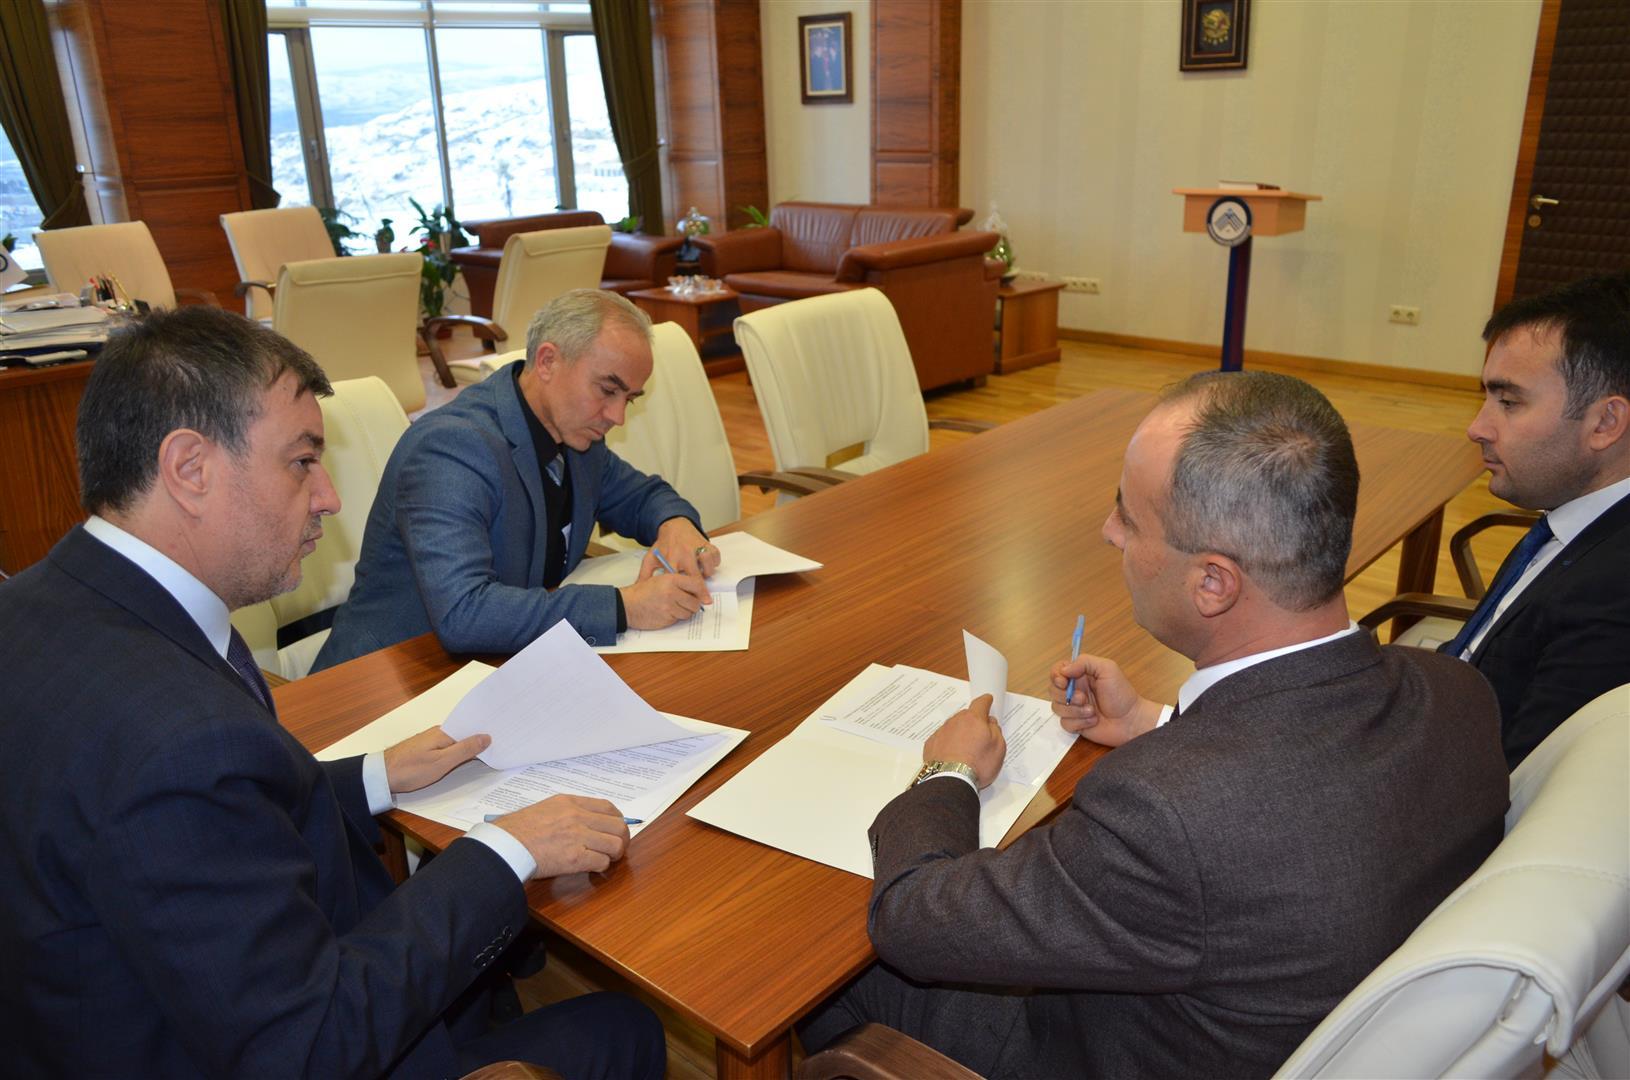 Üniversitemiz, Milli Eğitim İl Müdürlüğü ve Fen Lisesi Arasında Protokol İmzalandı Resim